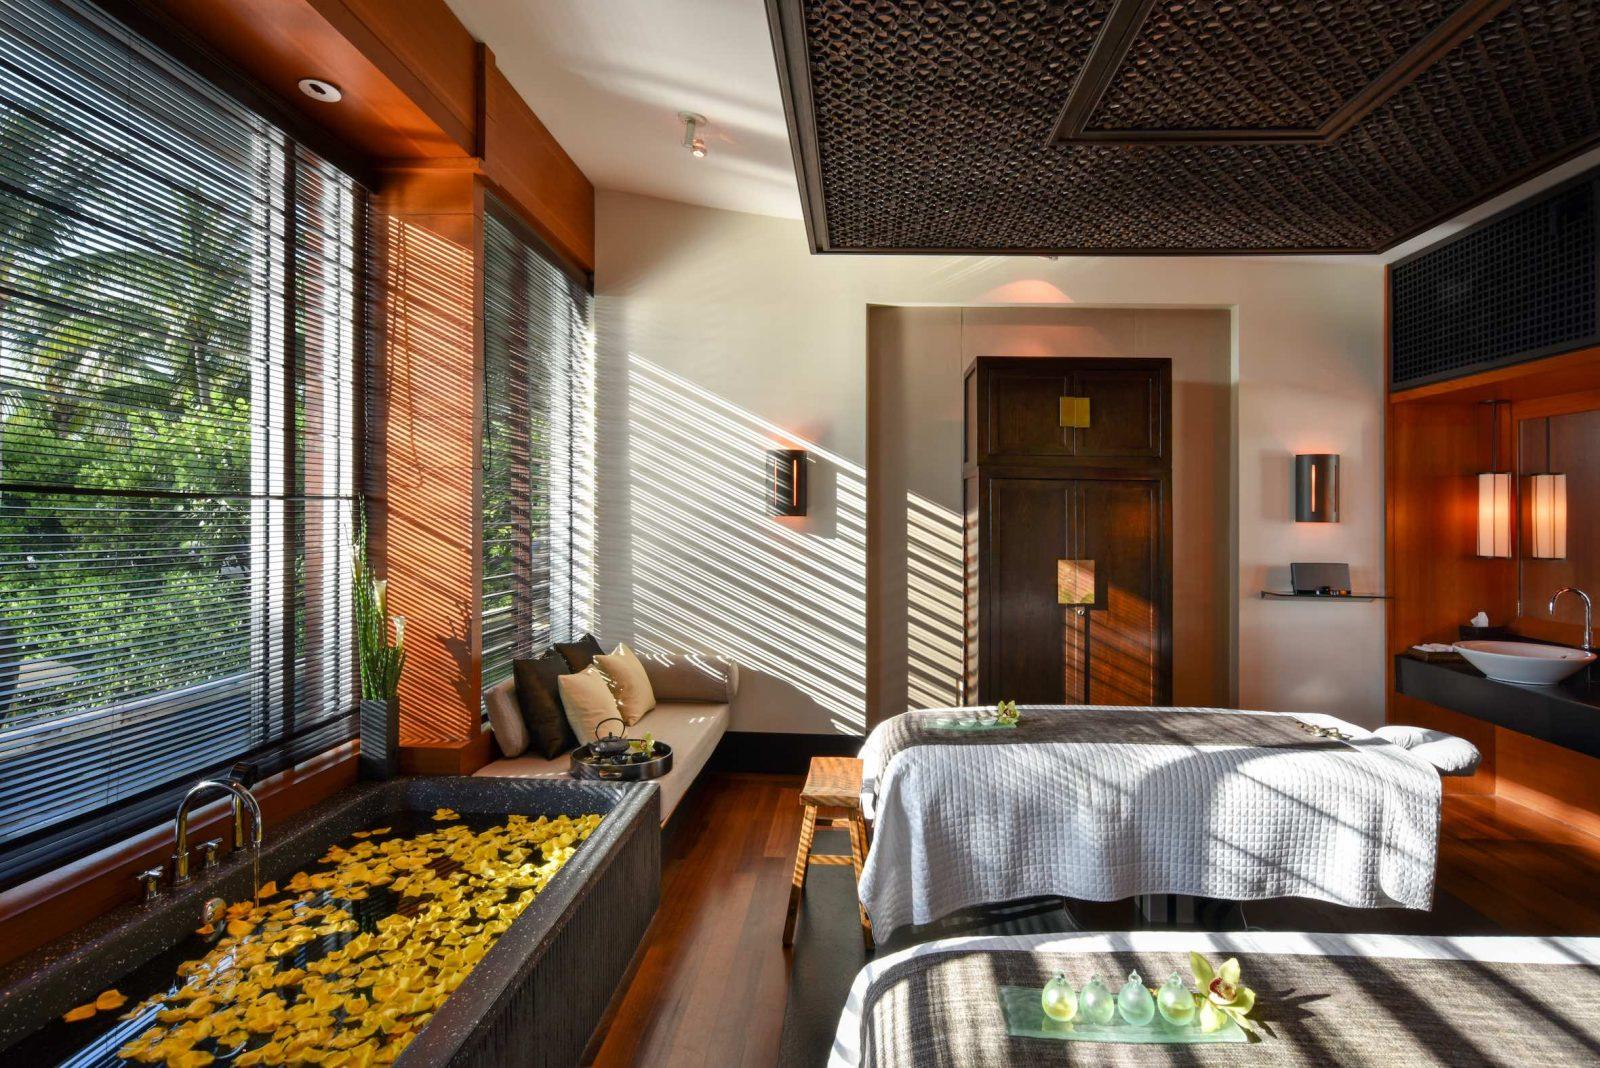 Setai Hotel, Miami Beach